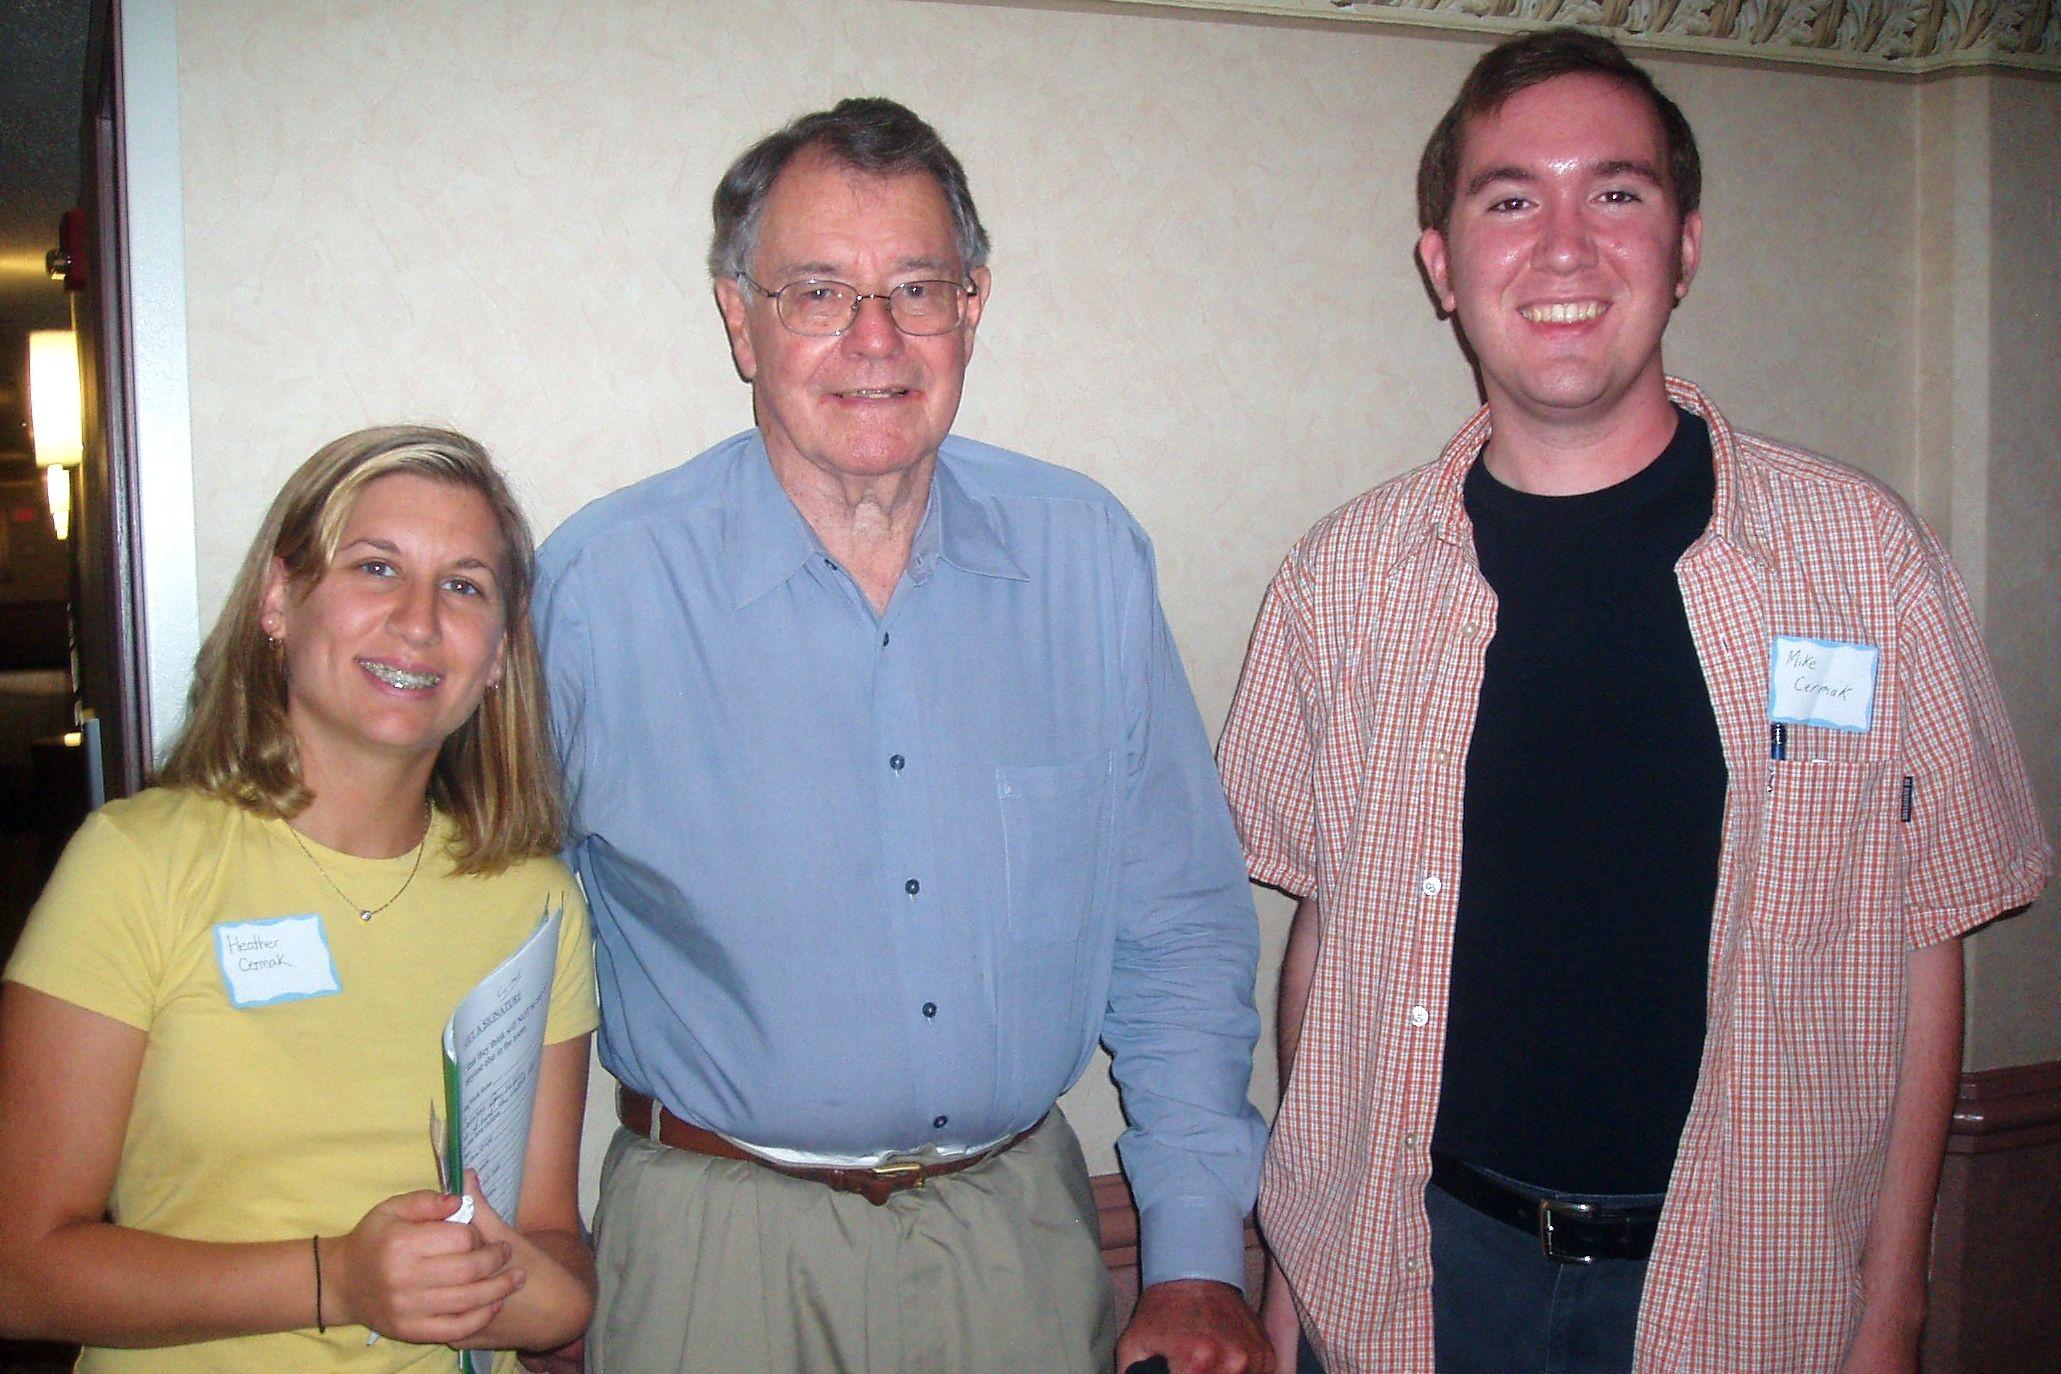 Heather & Mike Cermak & Dr Stickler